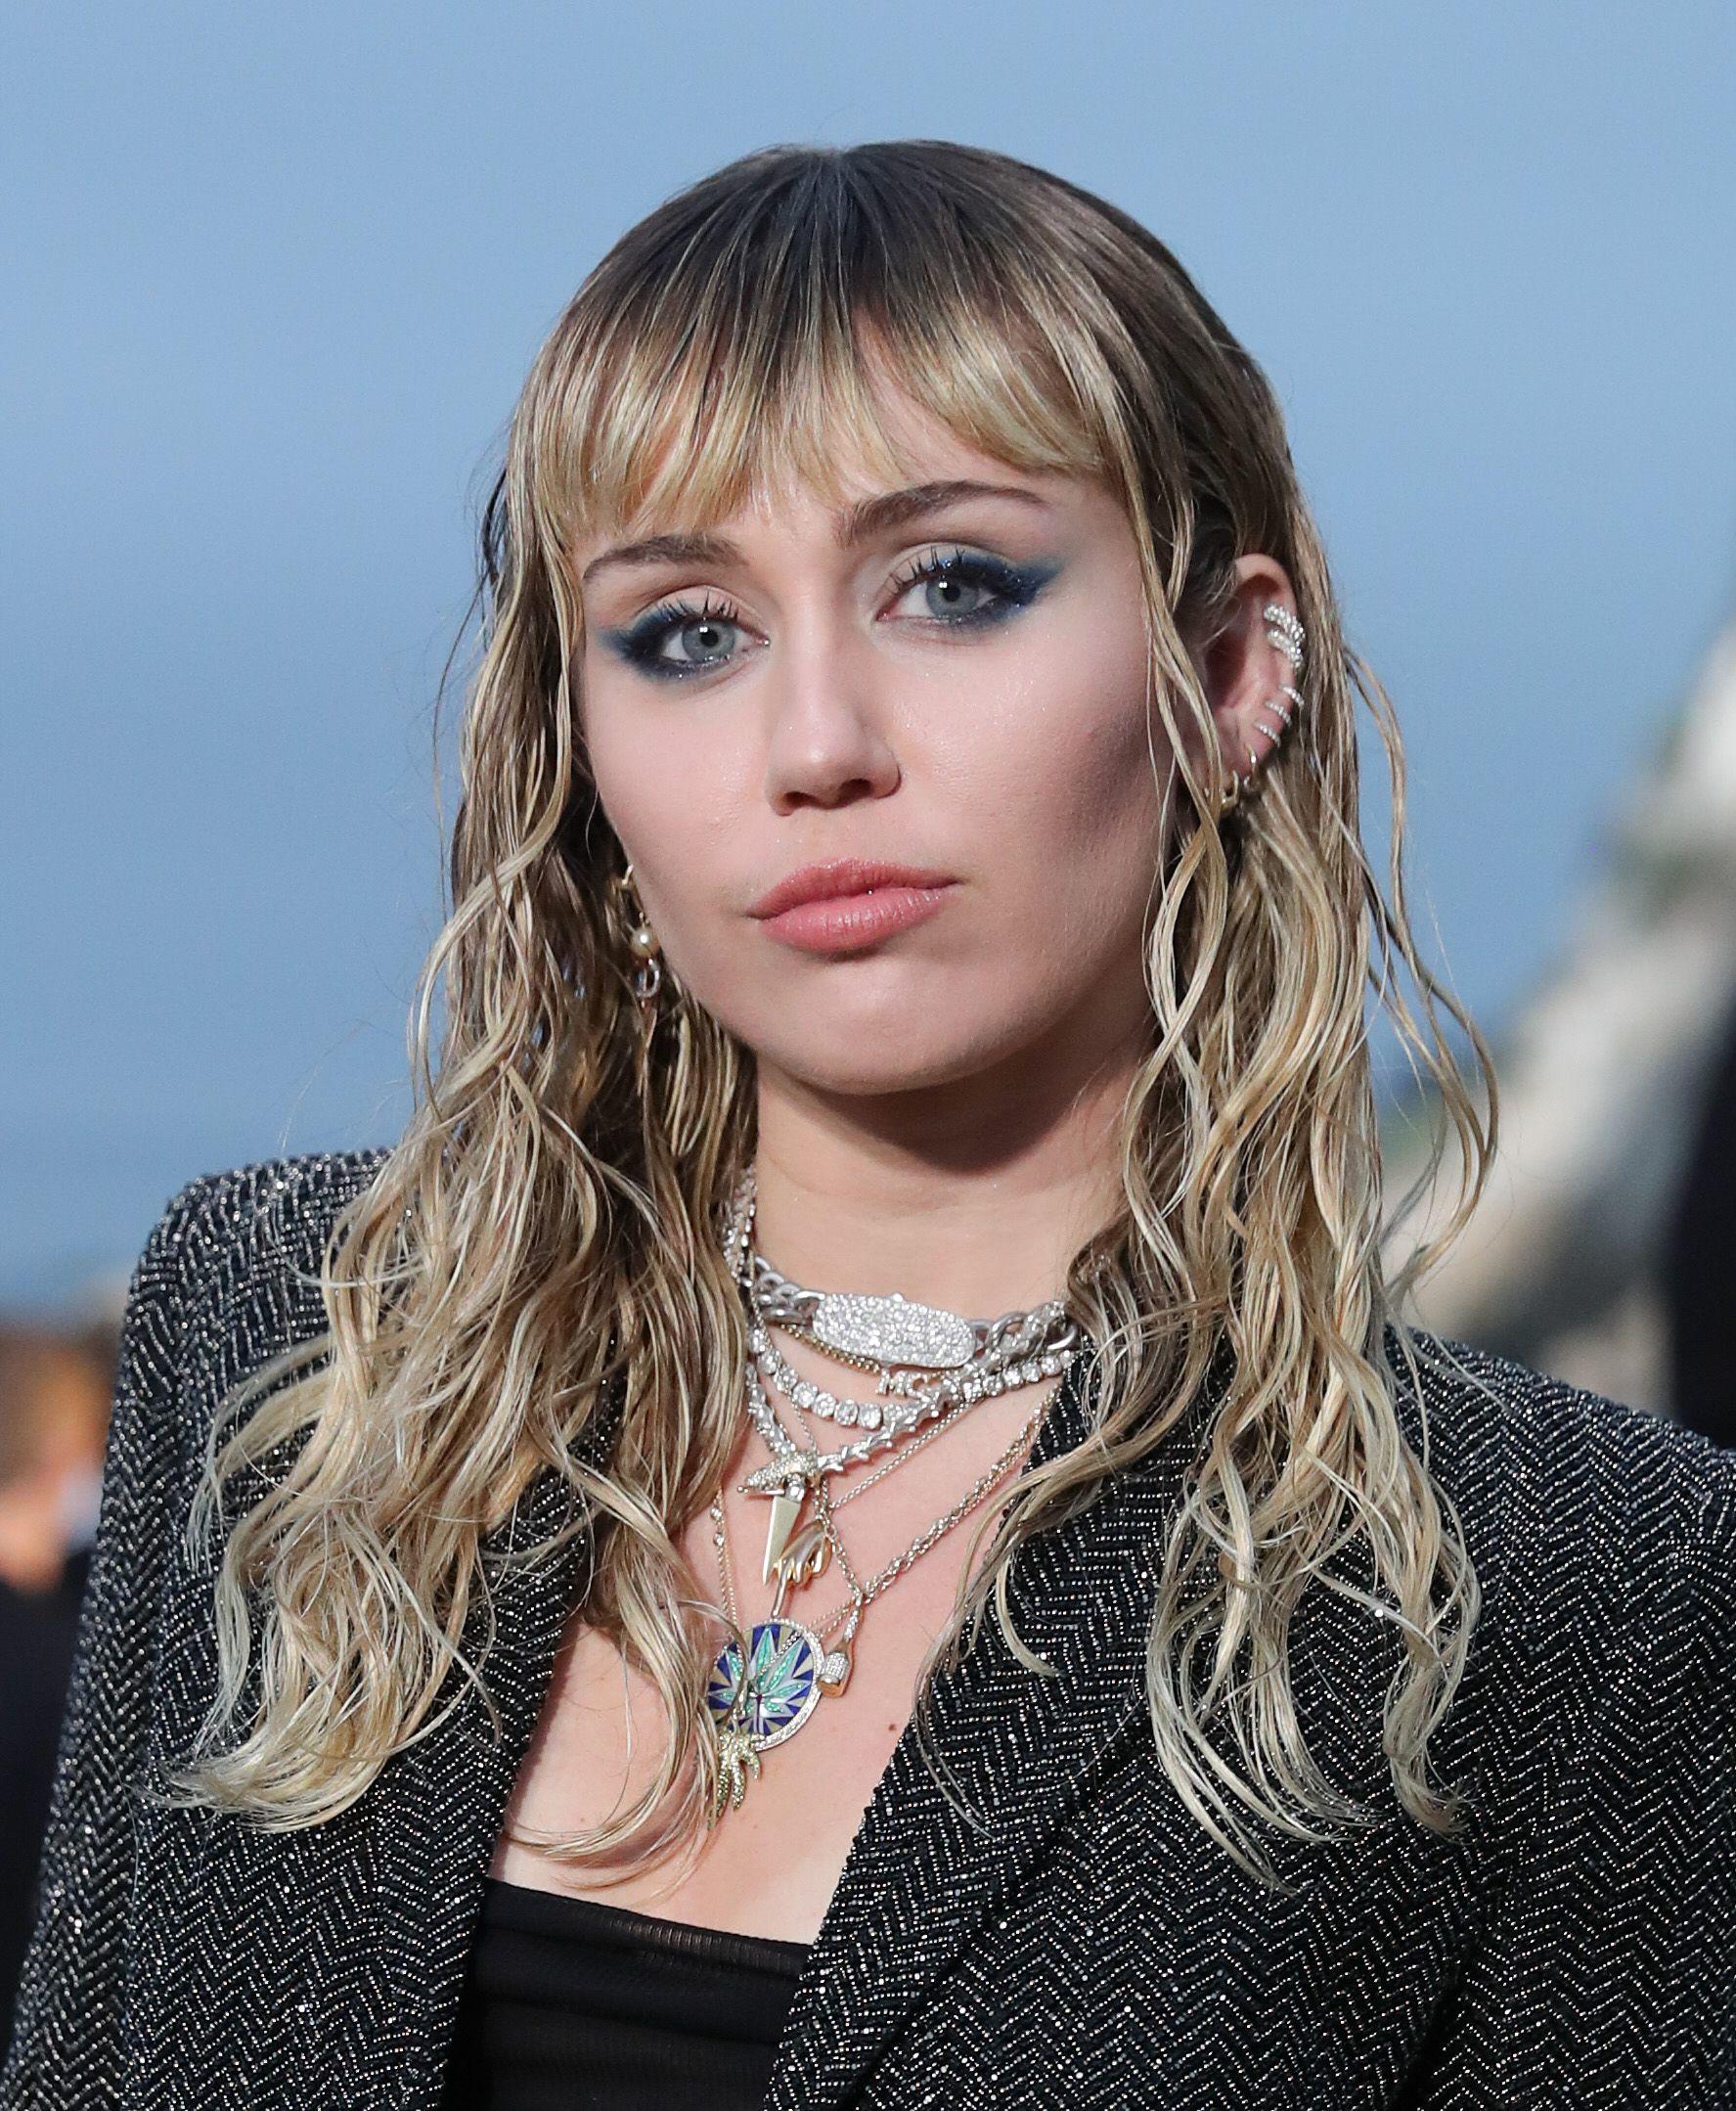 Miley Cyrus aux cheveux blonds ondulés avec frange